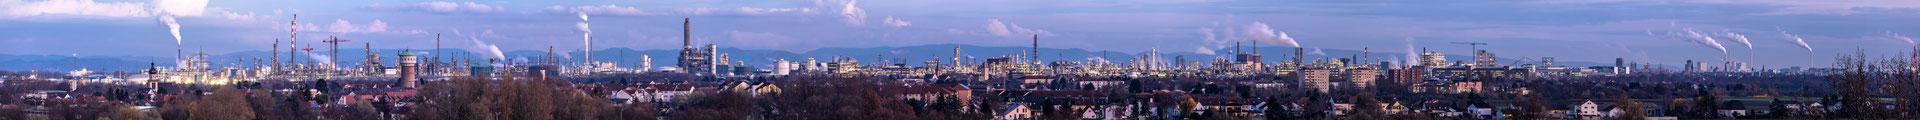 Panorama BASF